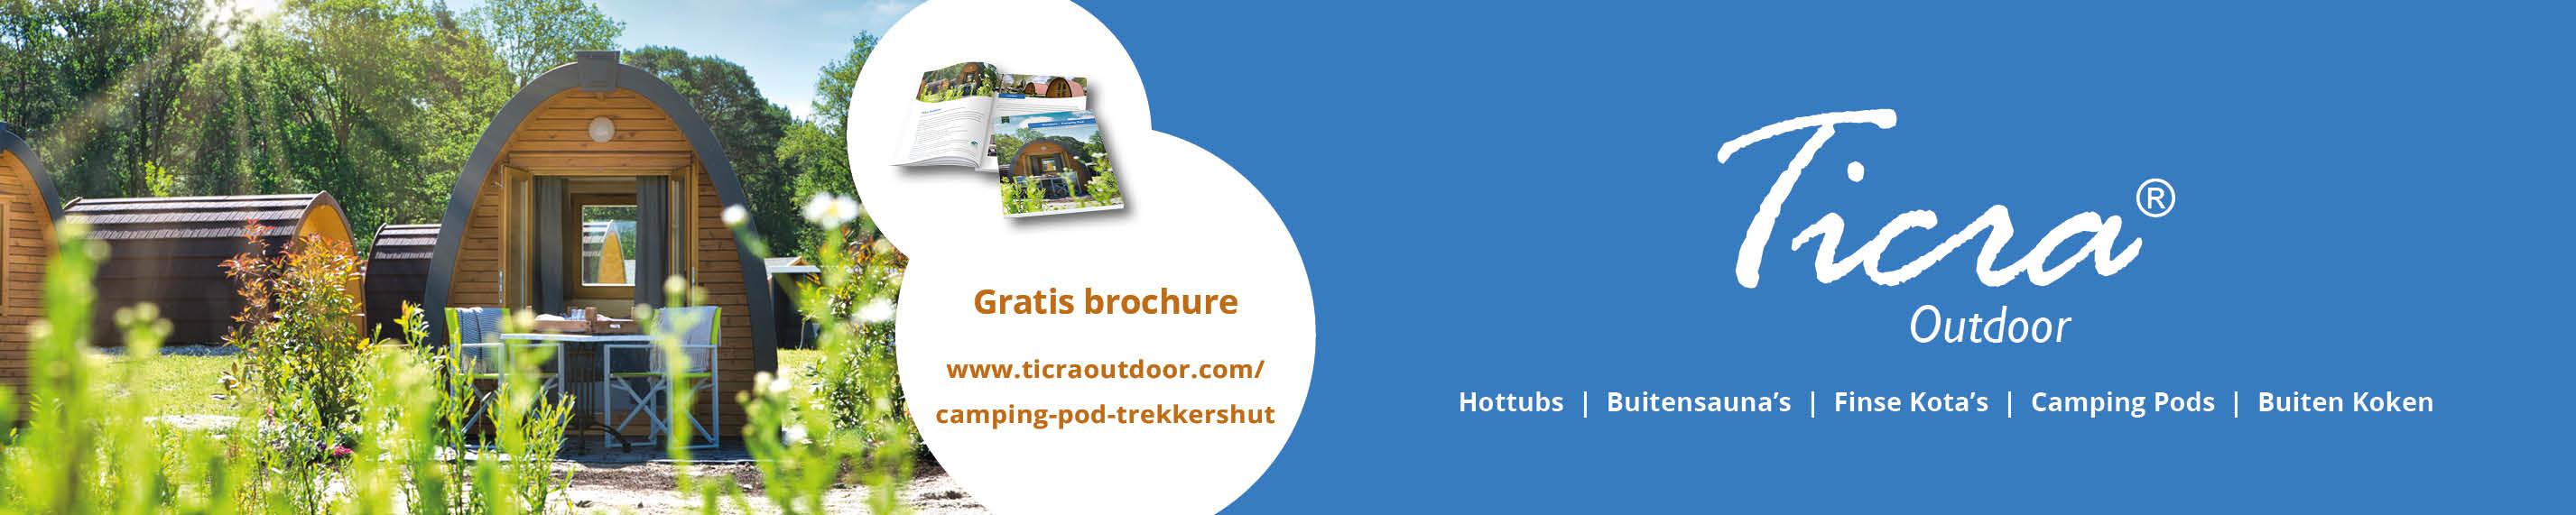 banner TIRCA Buitenleven